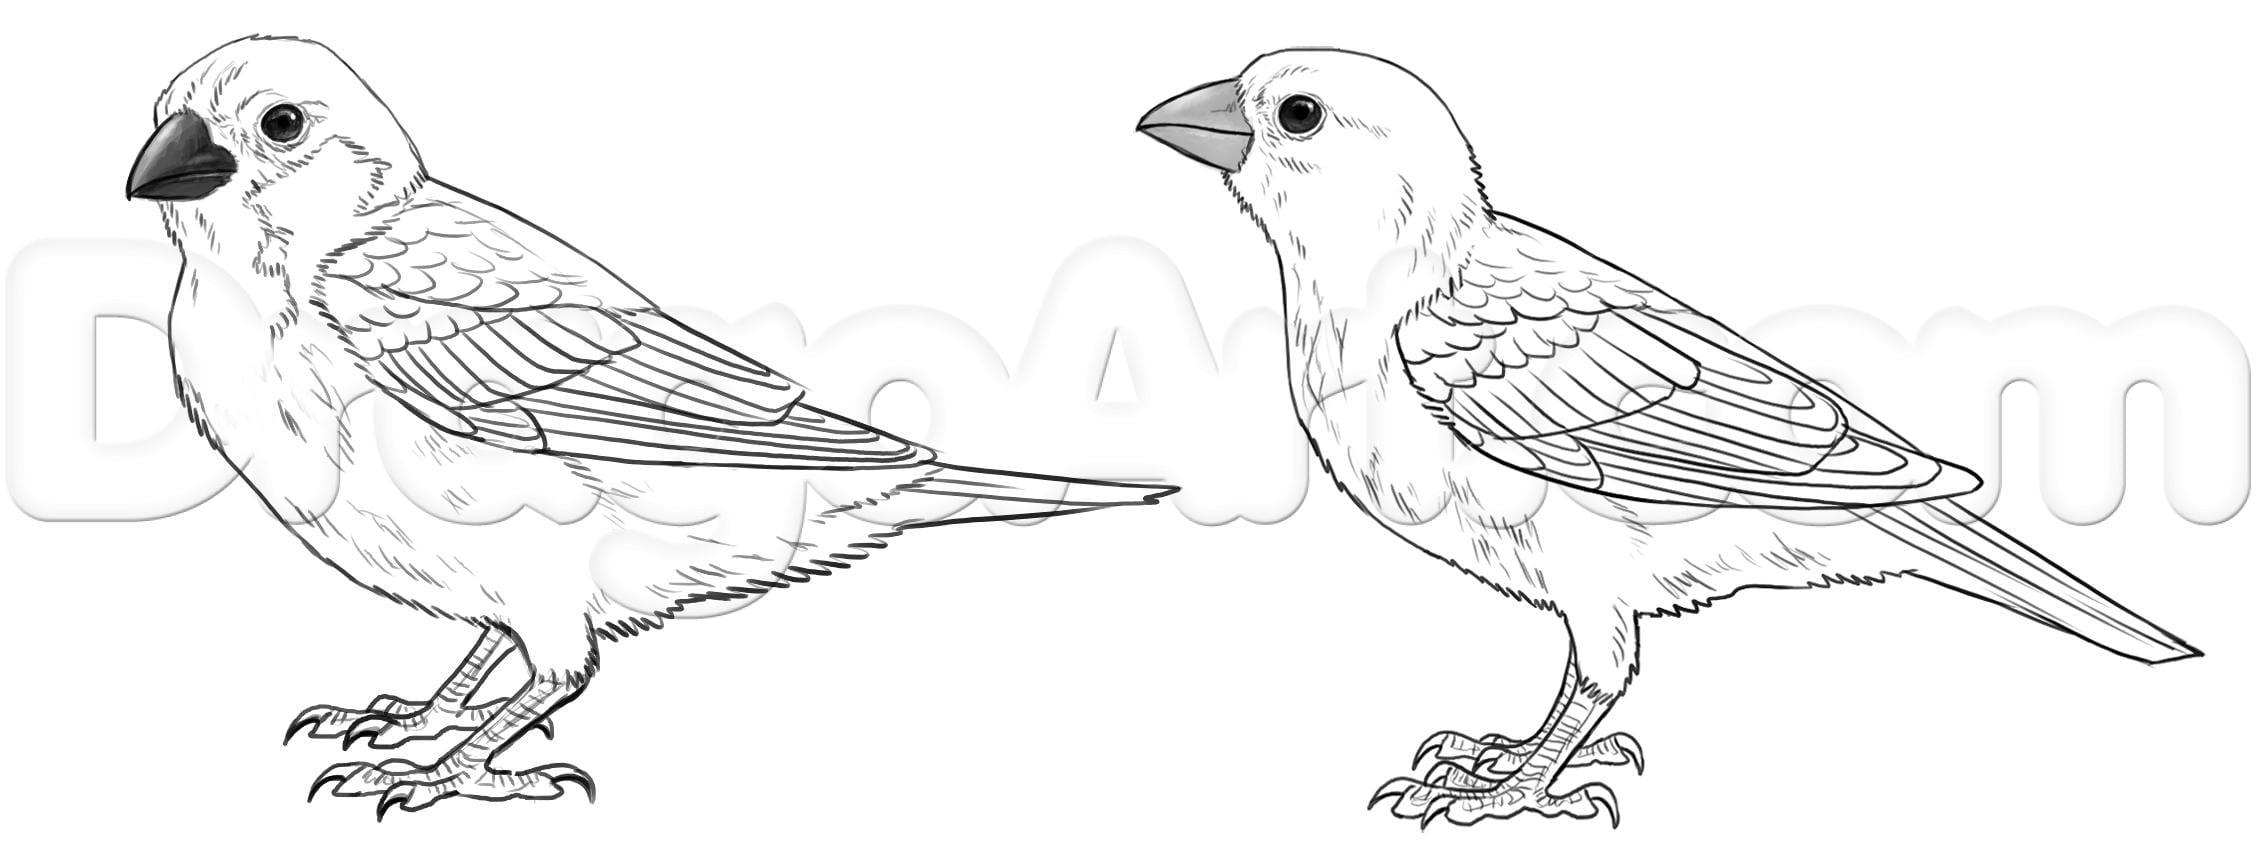 10-1 Как нарисовать воробья карандашом поэтапно